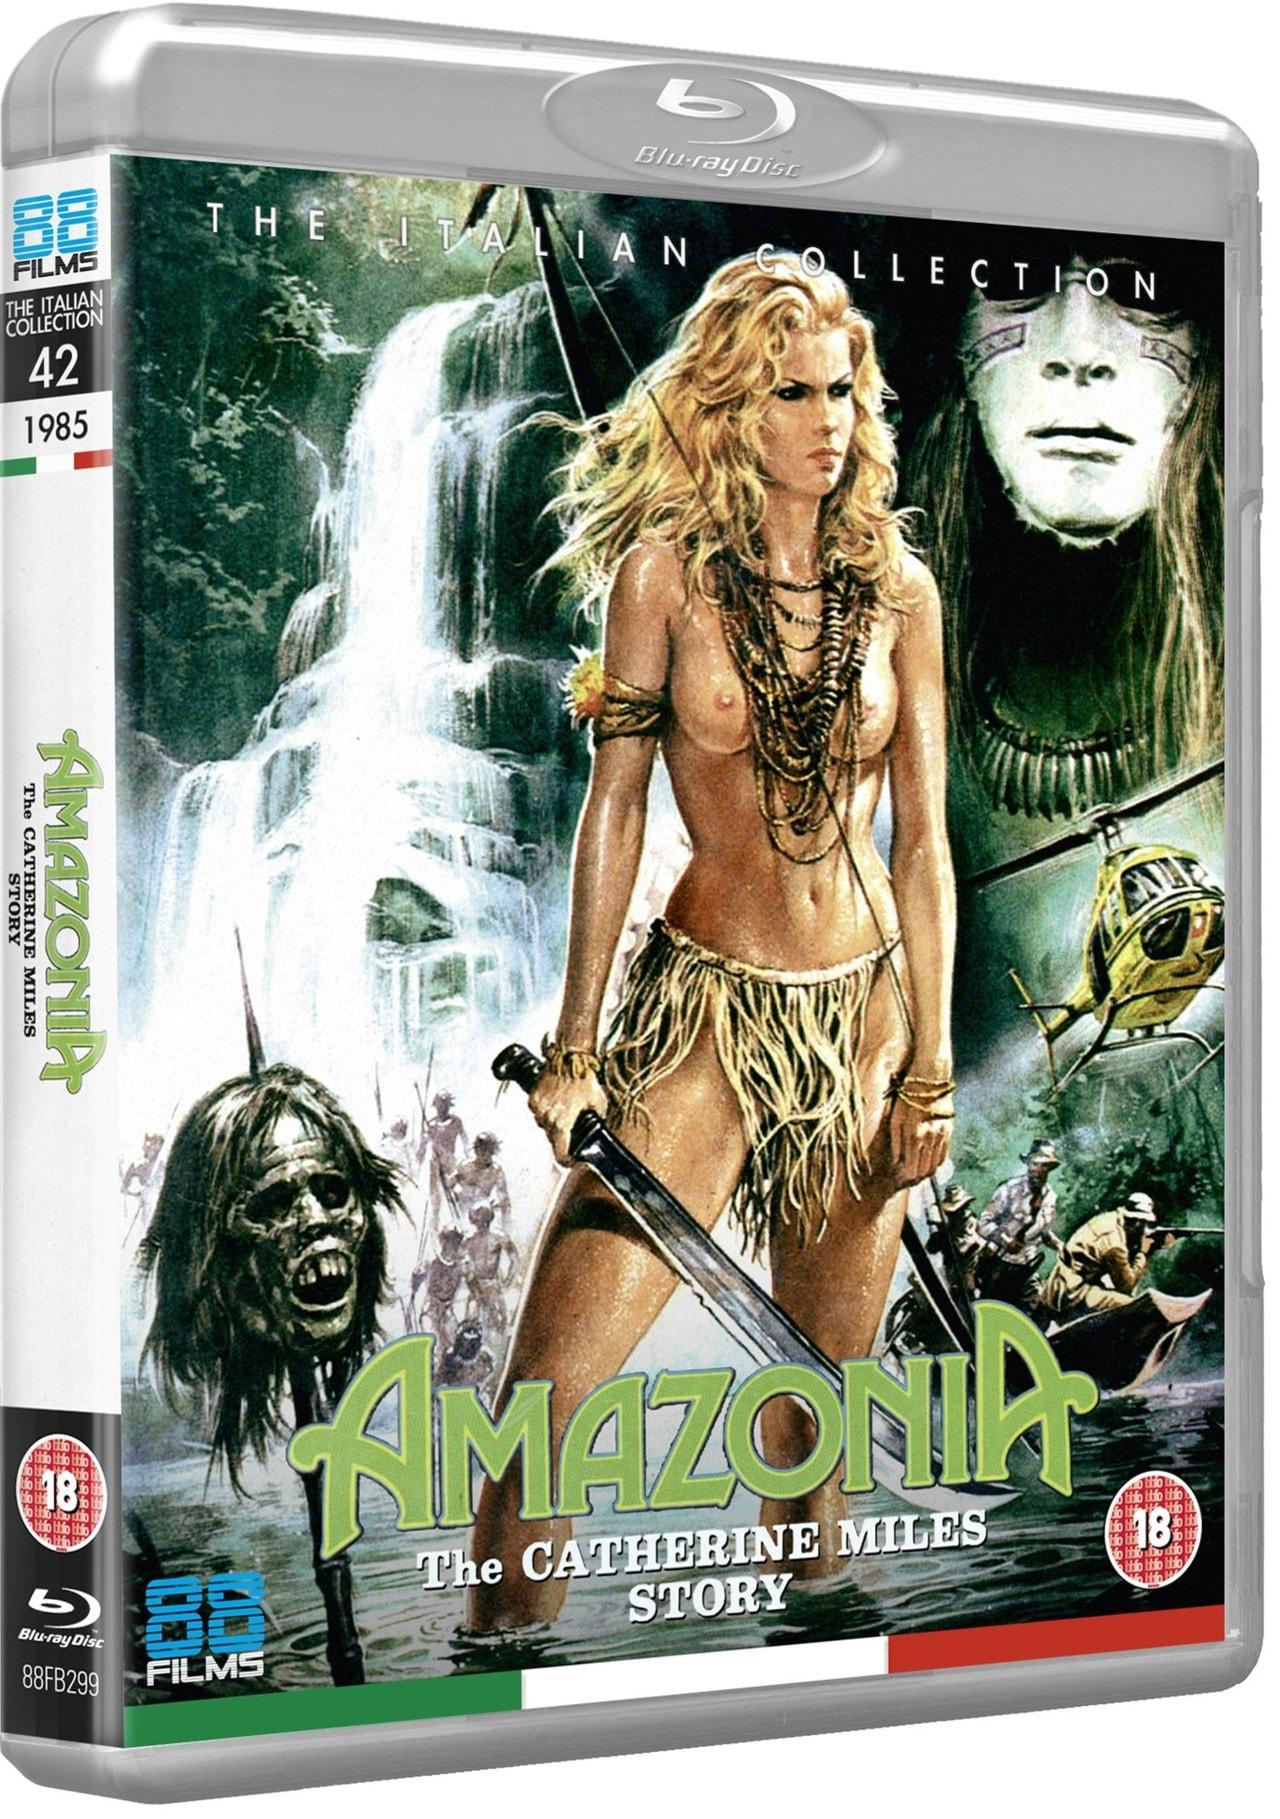 Amazonia - The Catherine Miles Story - 2